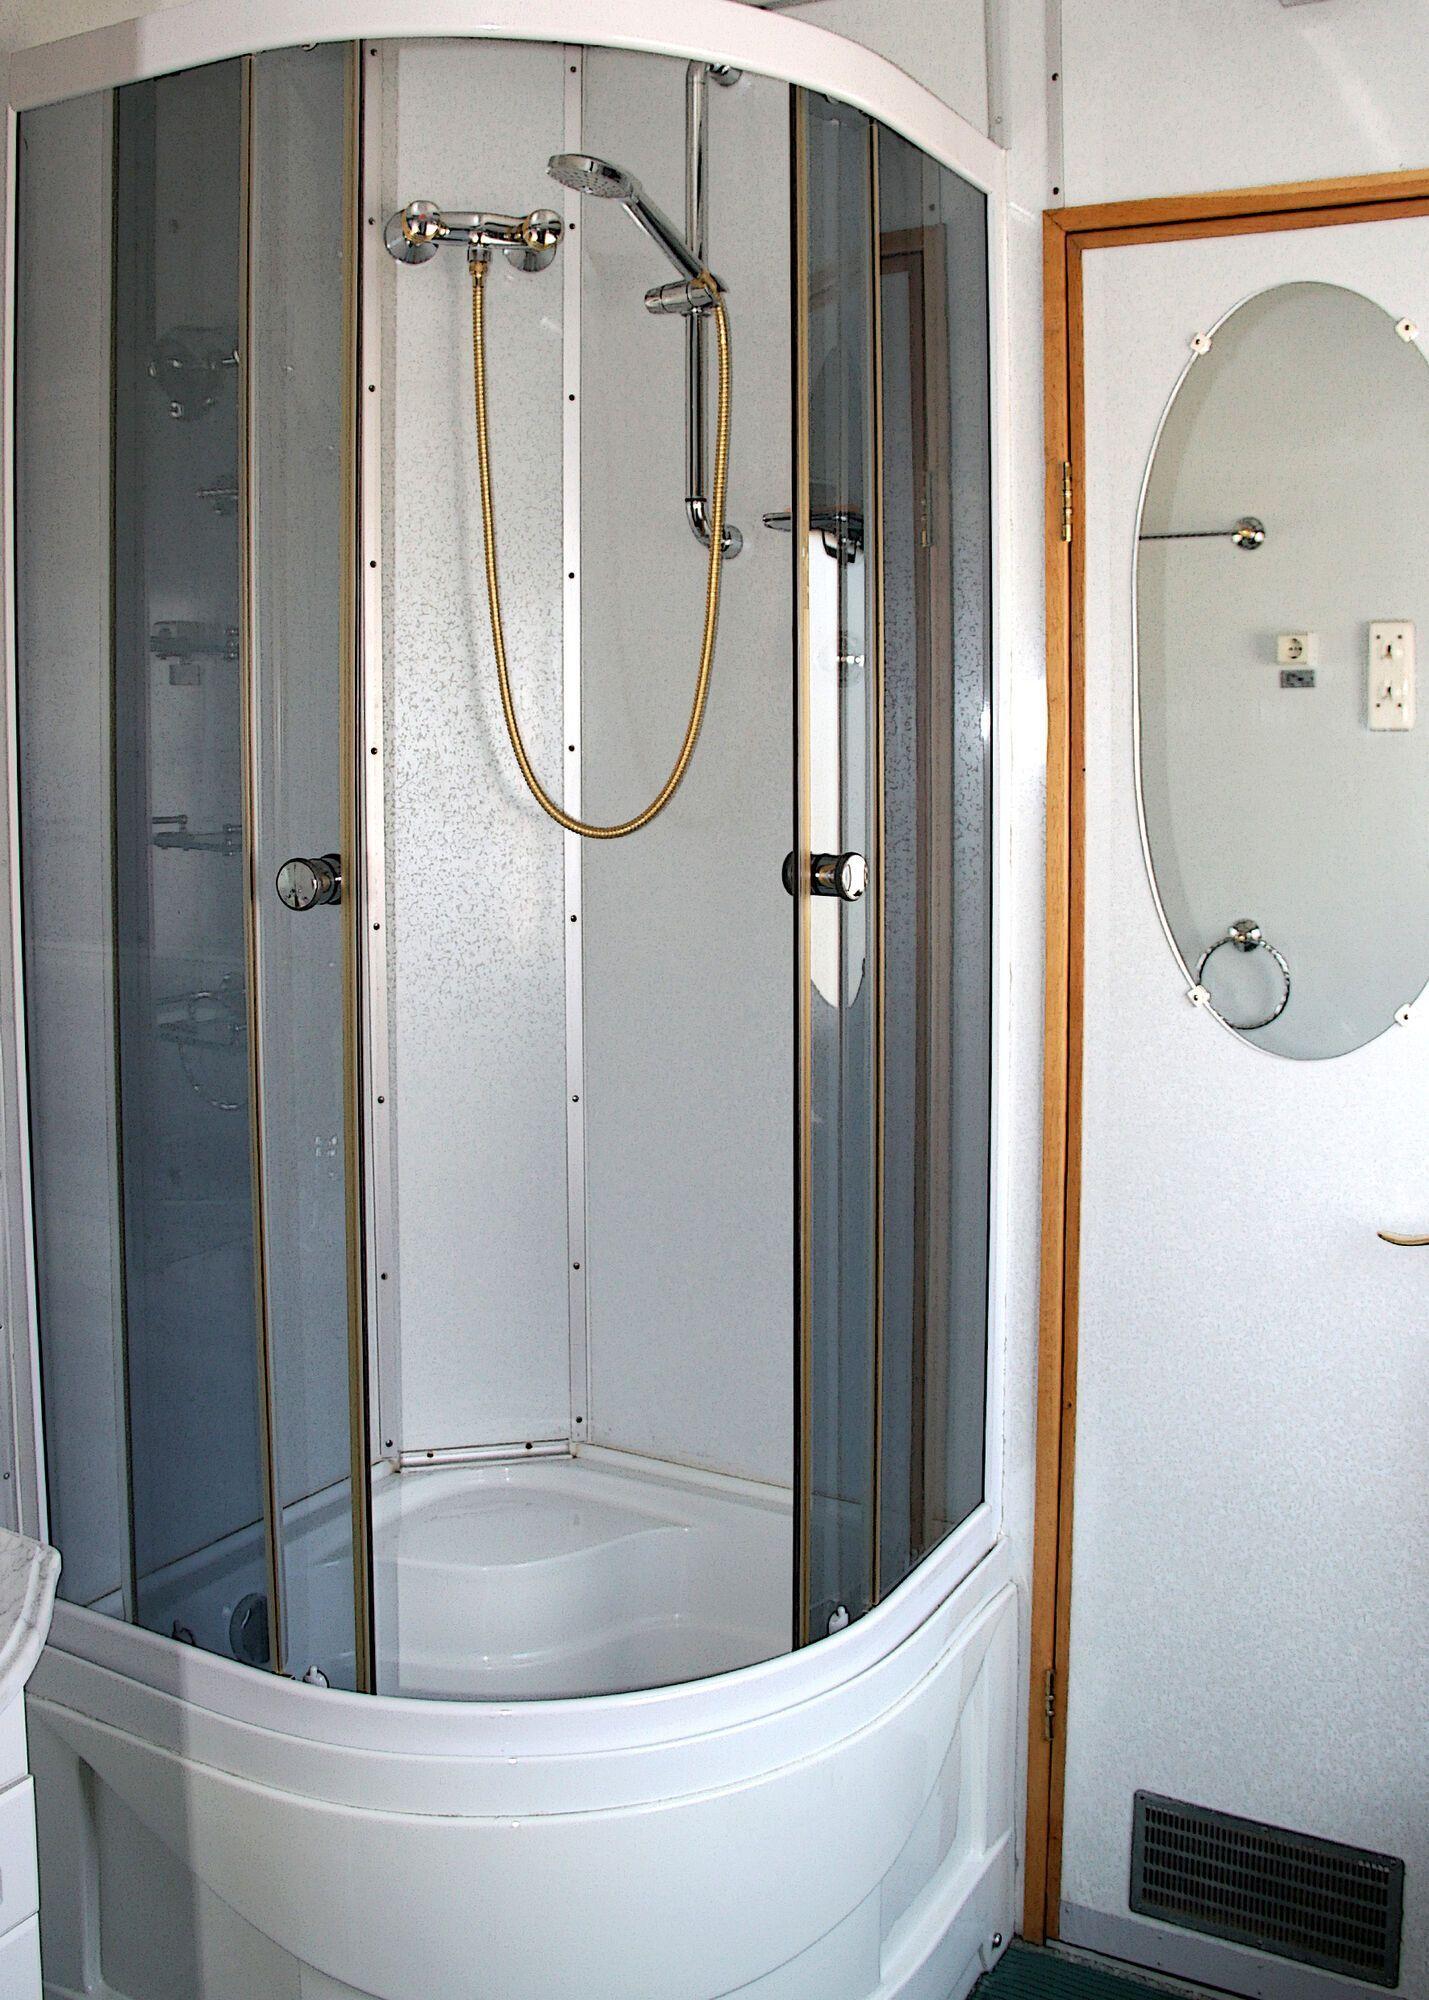 Вони також оснащені окремими ванними кімнатами